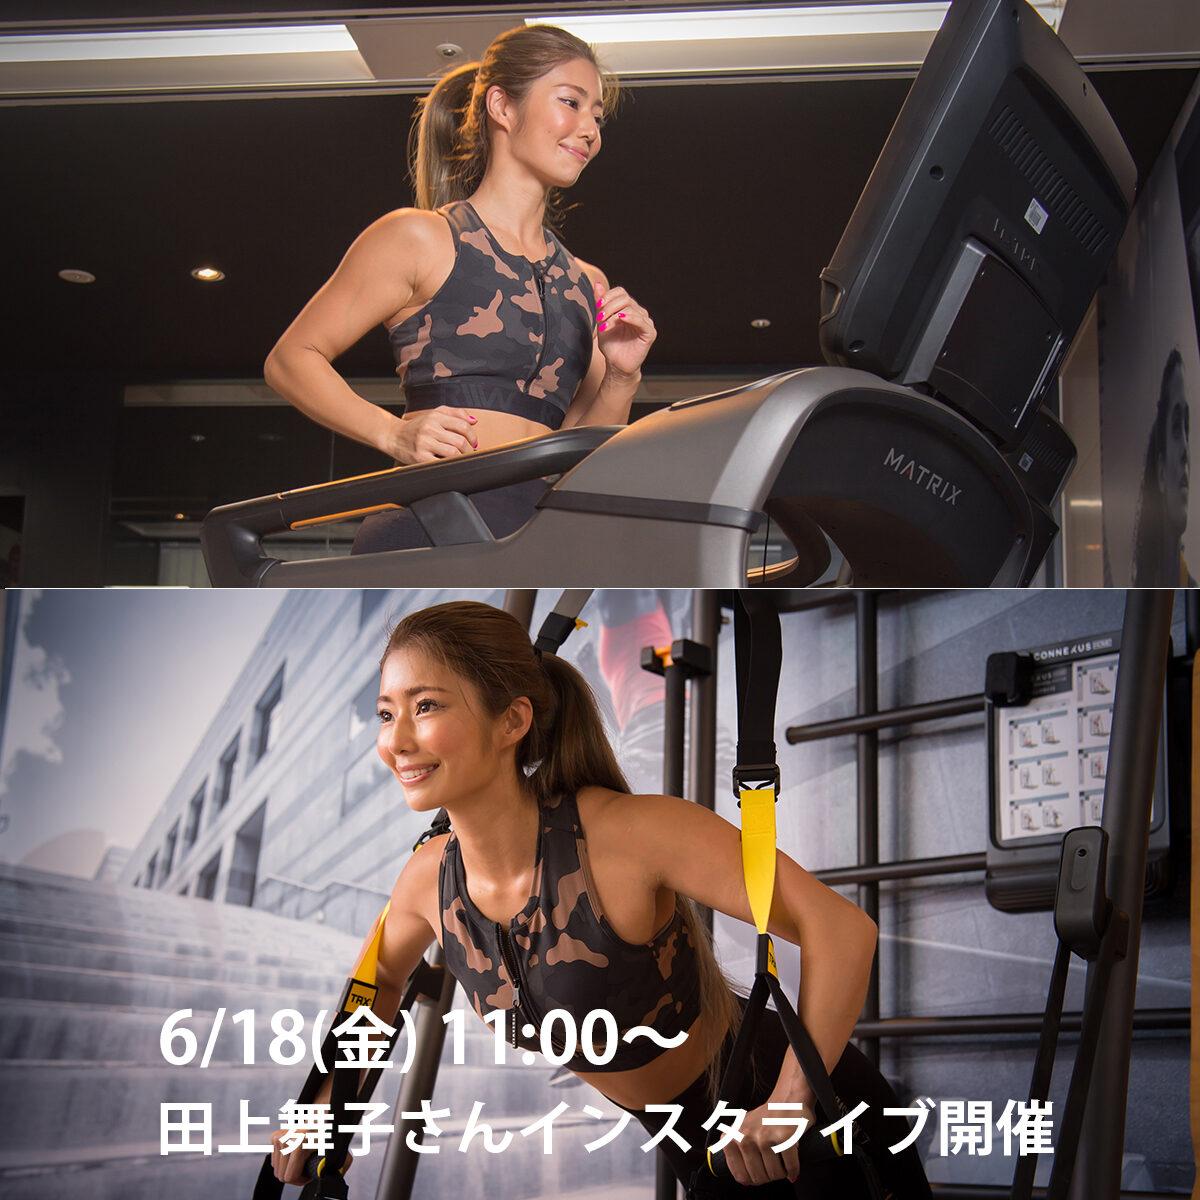 本日11:00~ 田上舞子さん インスタライブ開催 @スポルテック名古屋